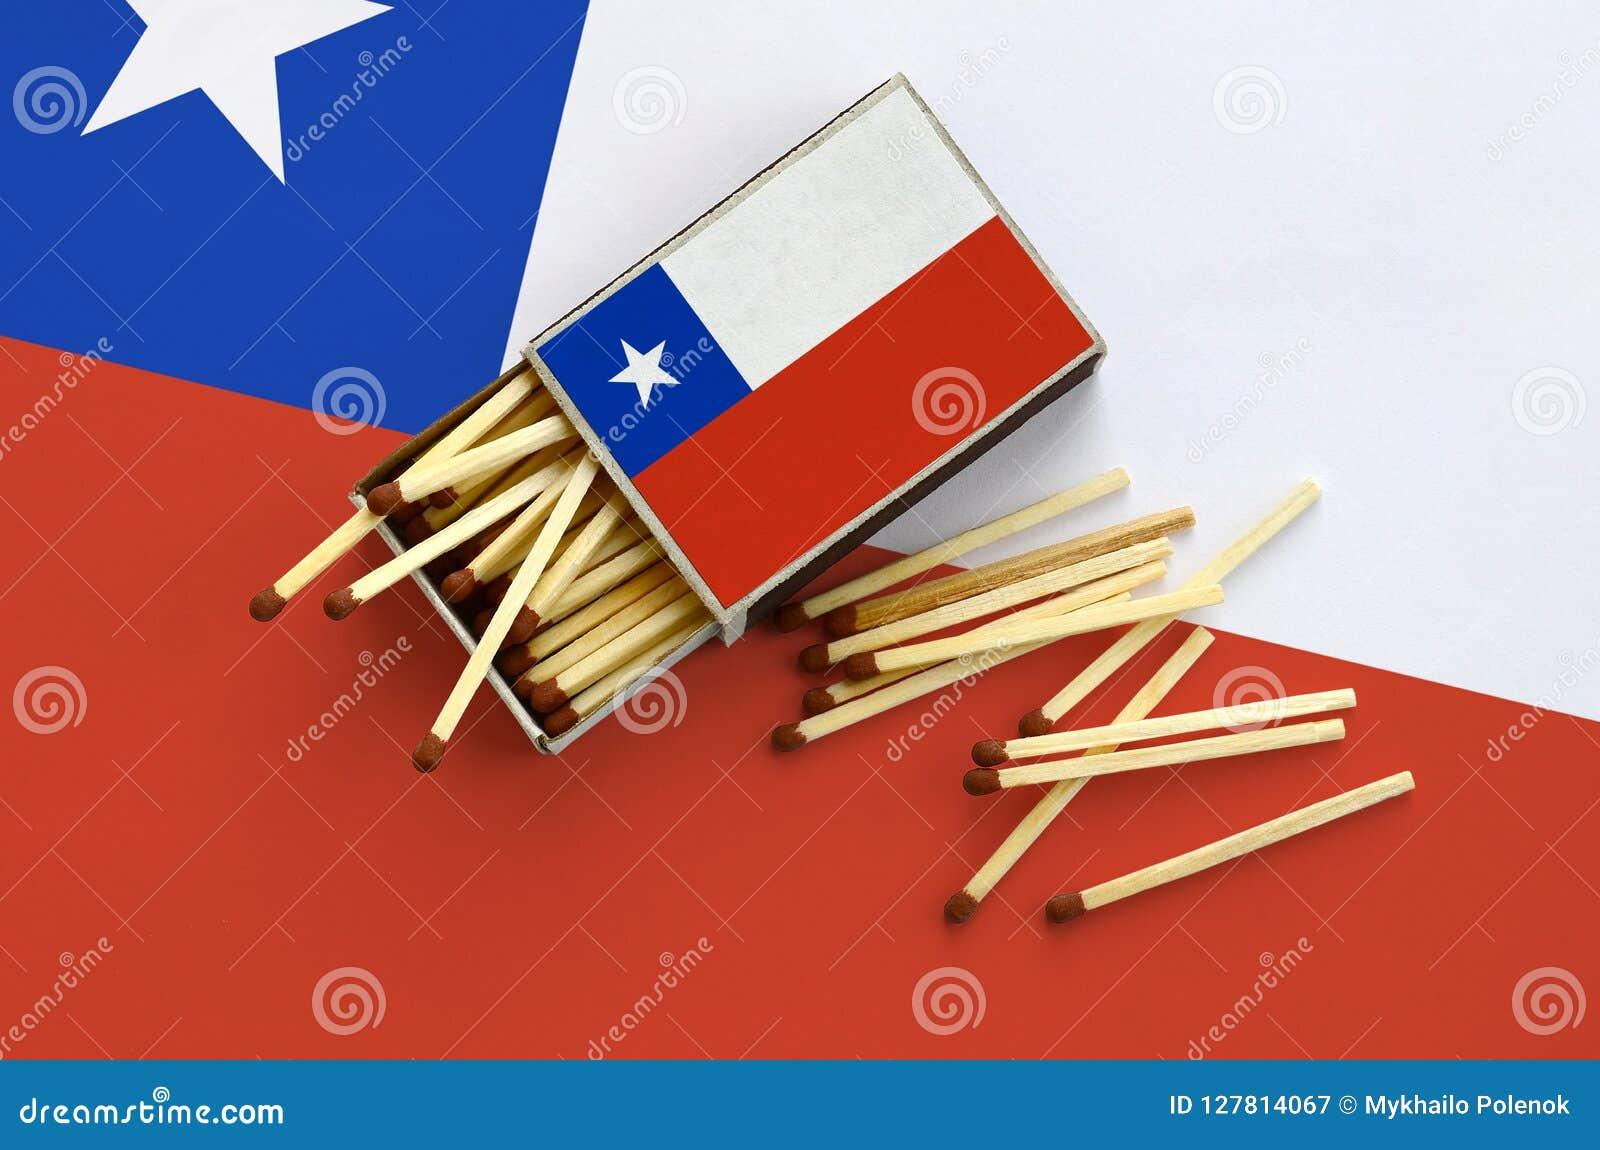 Η σημαία της Χιλής παρουσιάζεται σε ένα ανοικτό σπιρτόκουτο, από το οποίο διάφορες αντιστοιχίες αφορούν και βρίσκονται μια μεγάλη